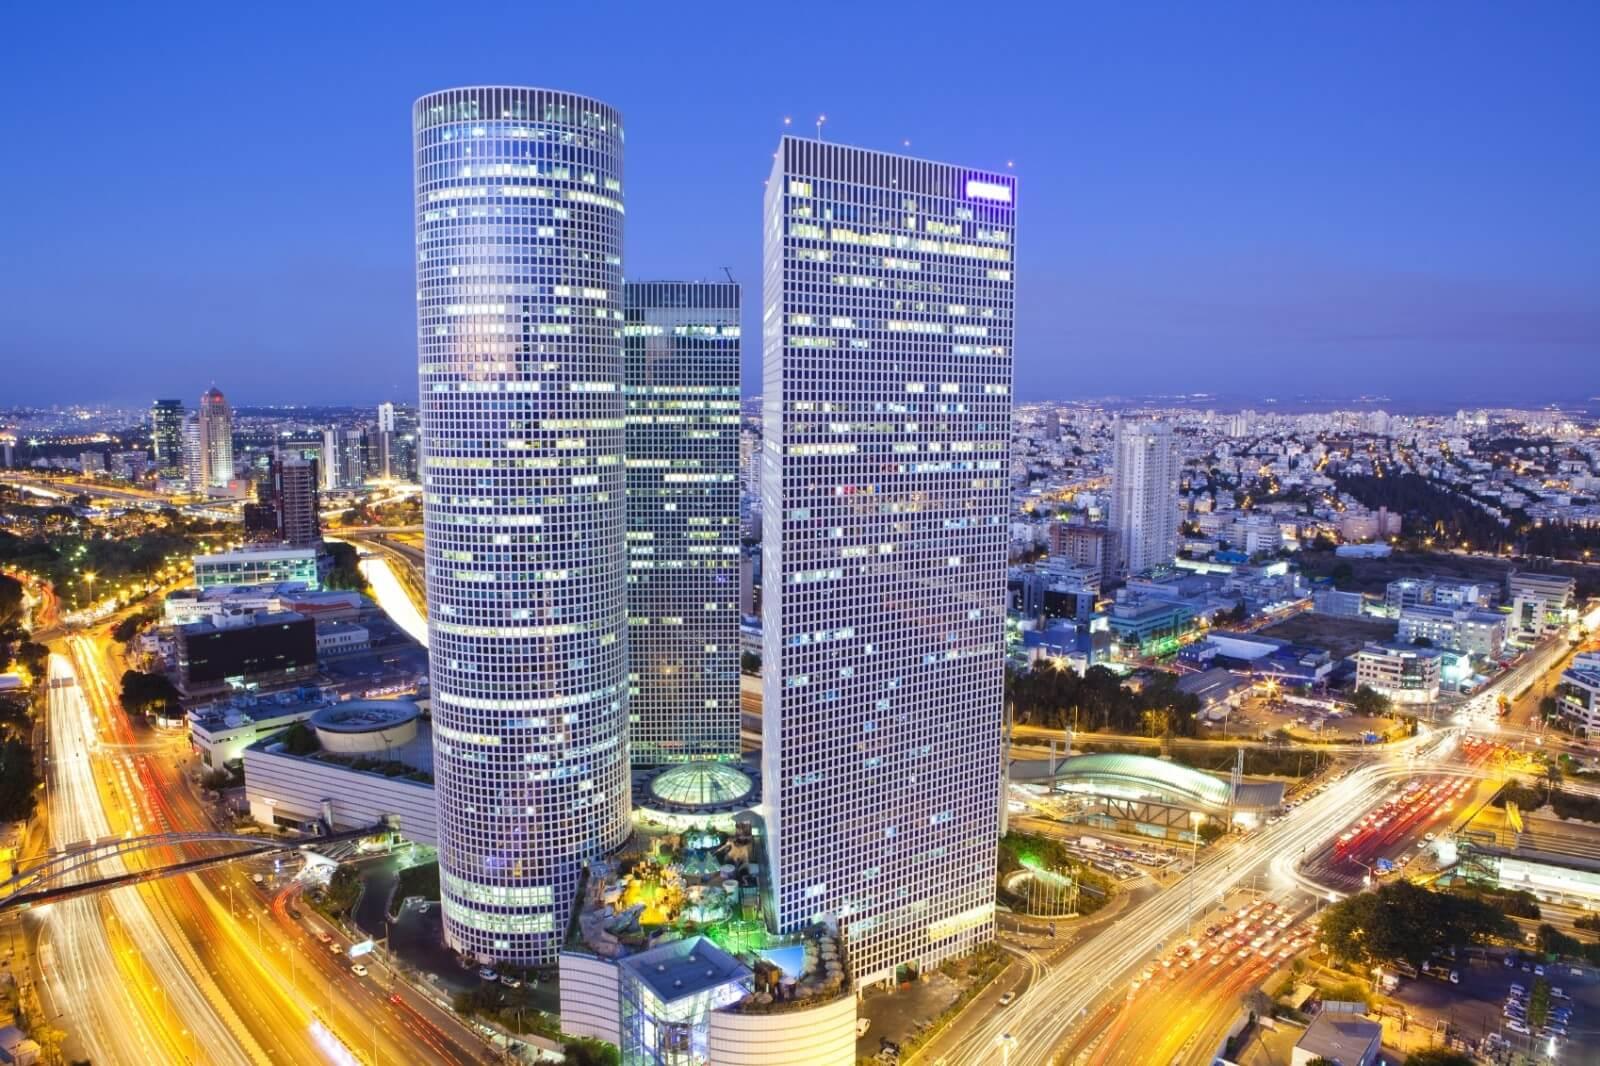 Immobilier en Israël : une baisse des prix, une utopie ?